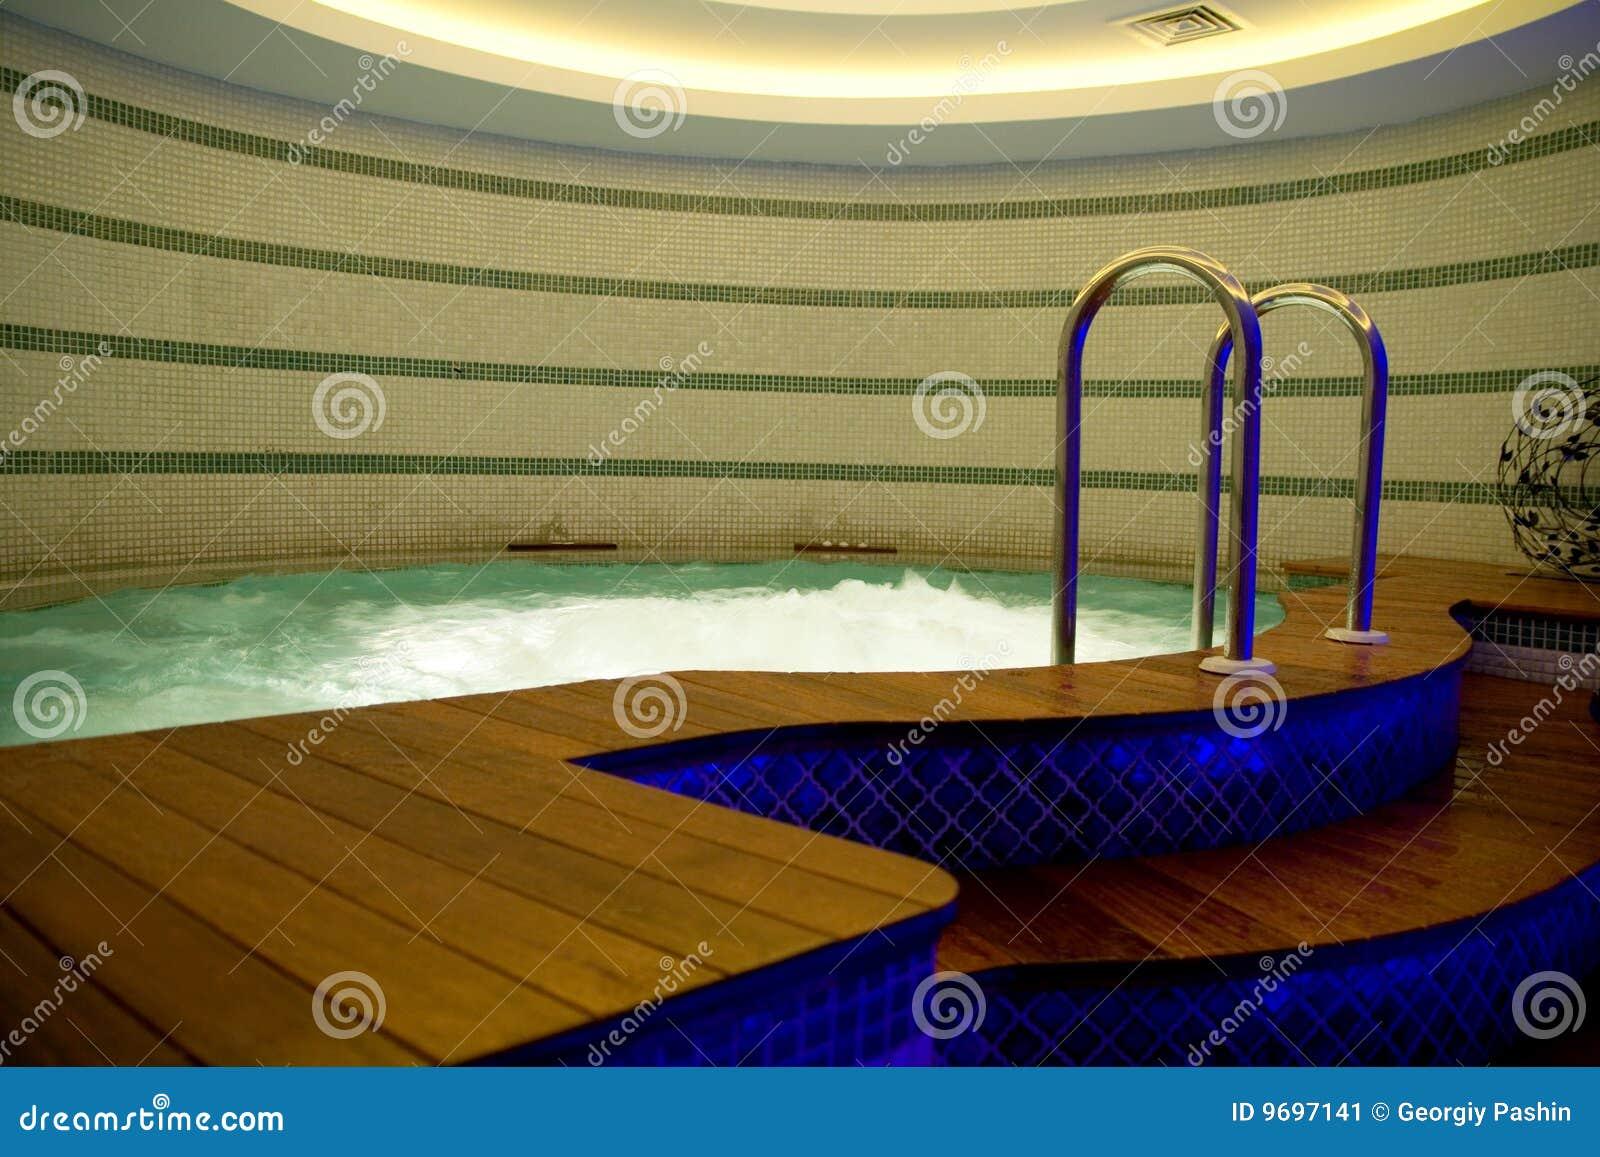 Jacuzzi in dark stock afbeelding afbeelding bestaande uit badkuip 9697141 - Badkuip bel ...